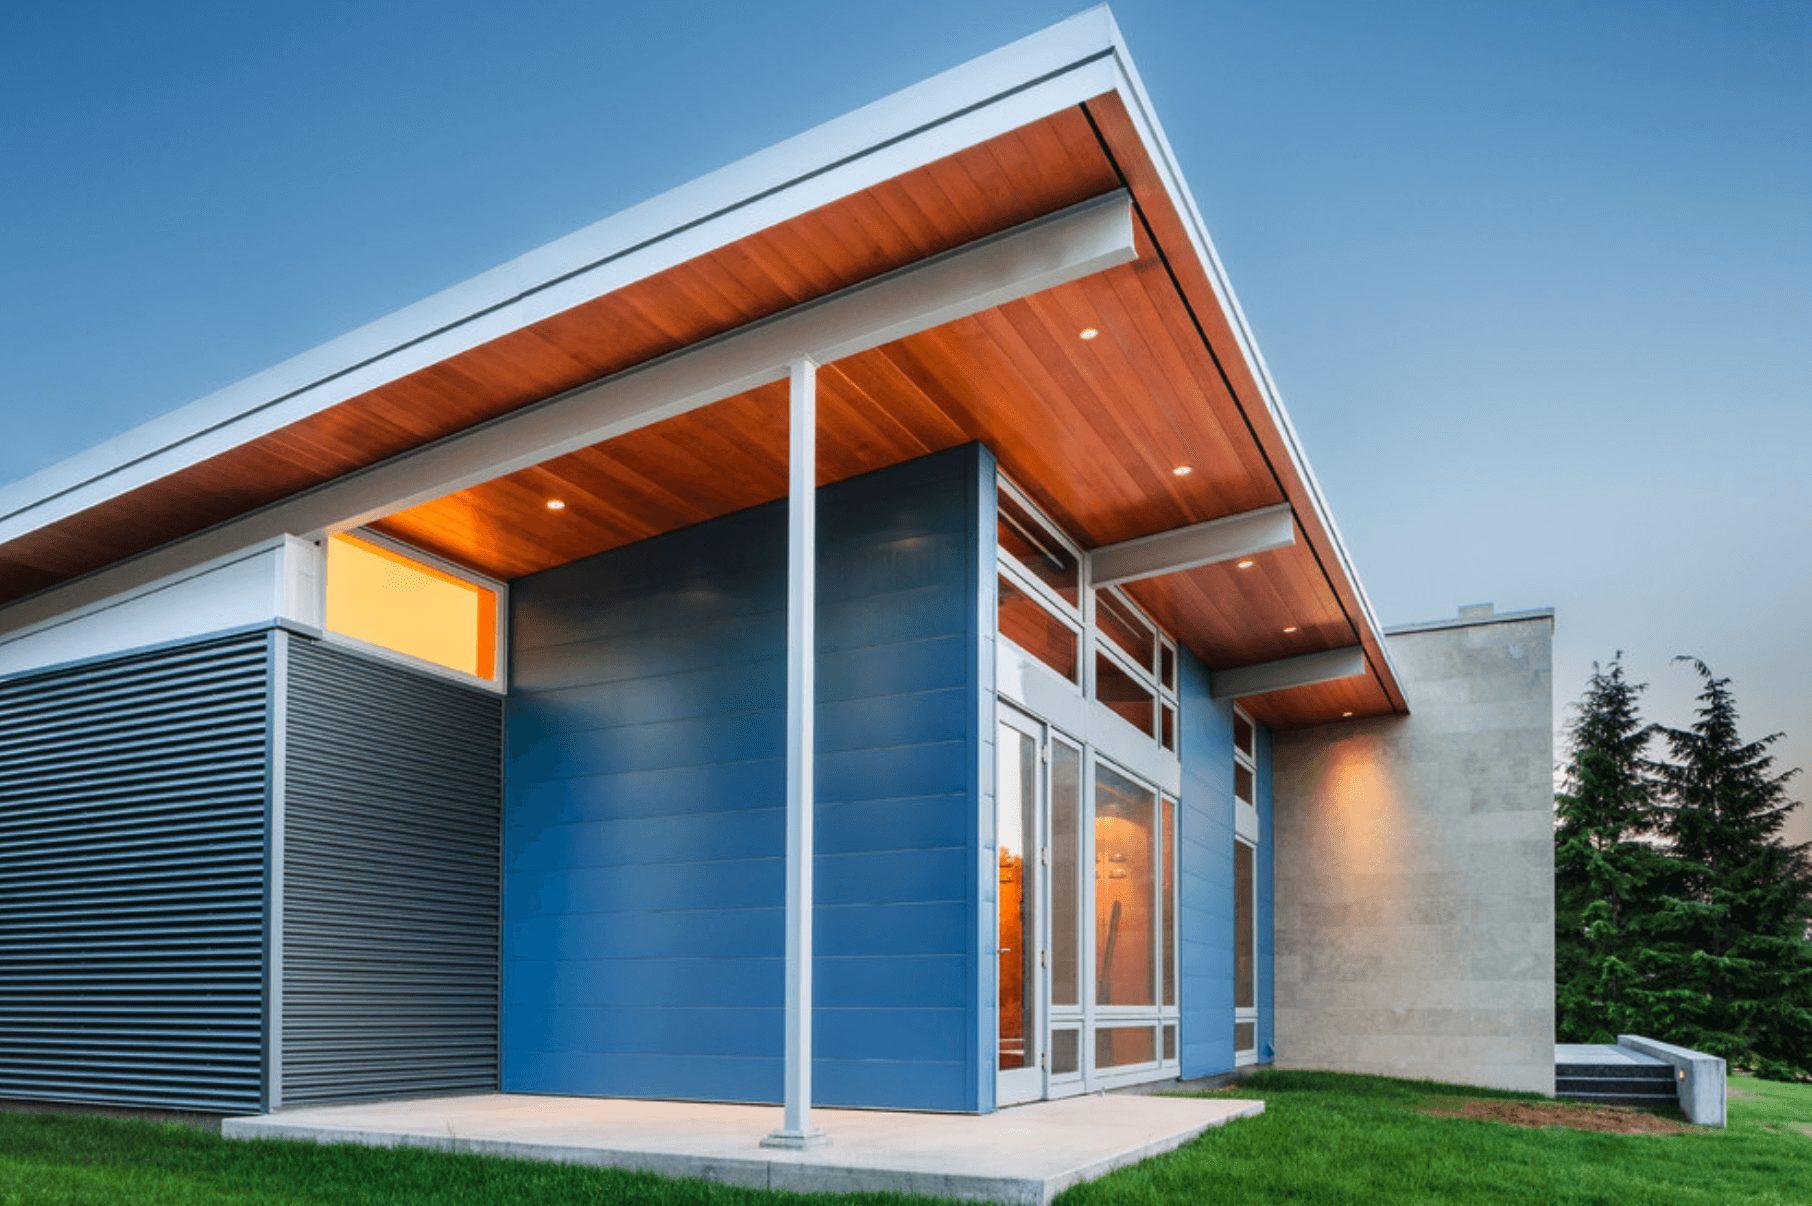 Casa bonita telhado